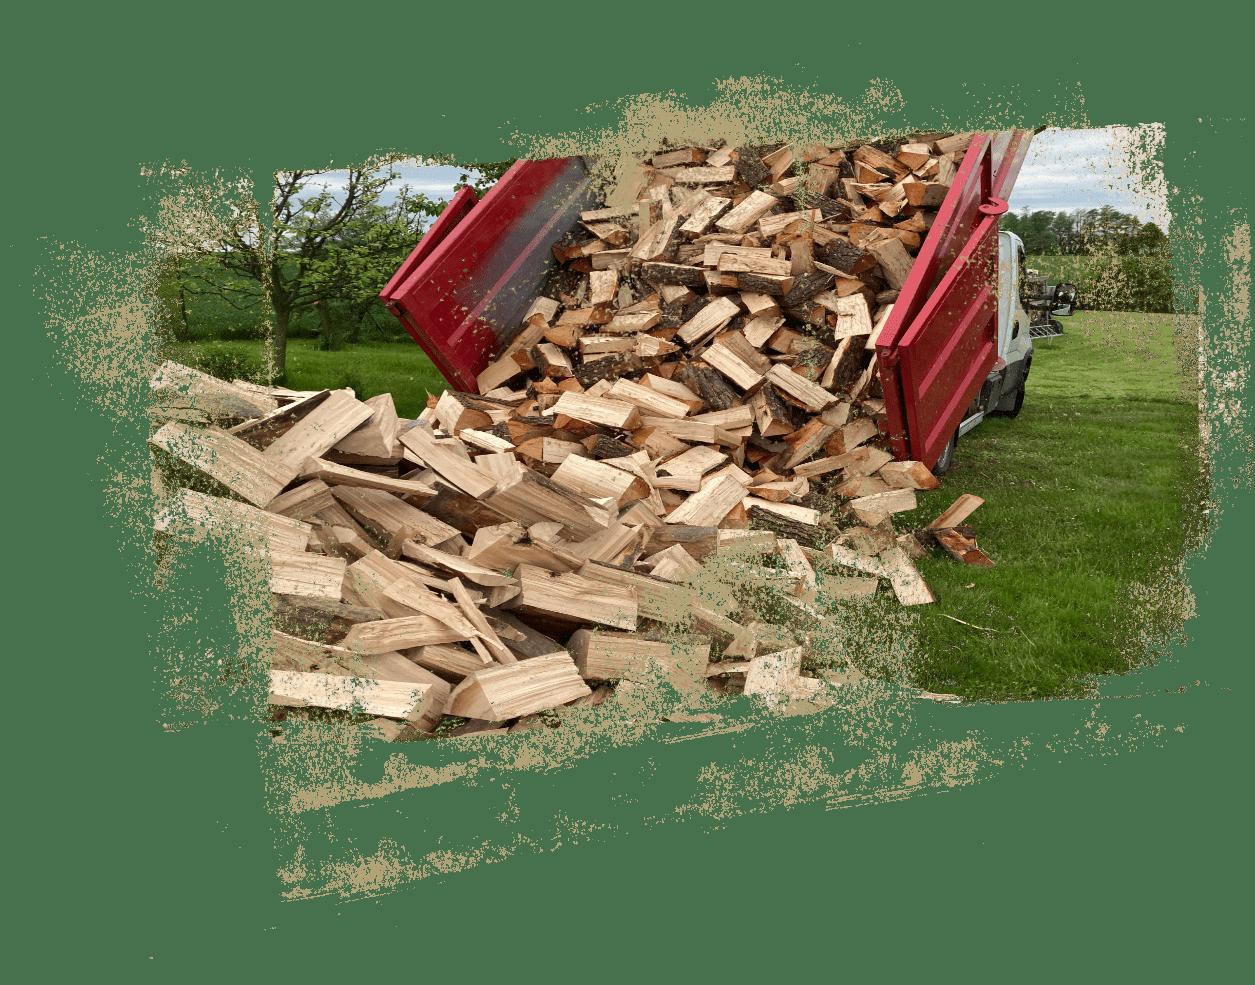 Ing. Jan Stuchlík | Prodej dřeva - Opava